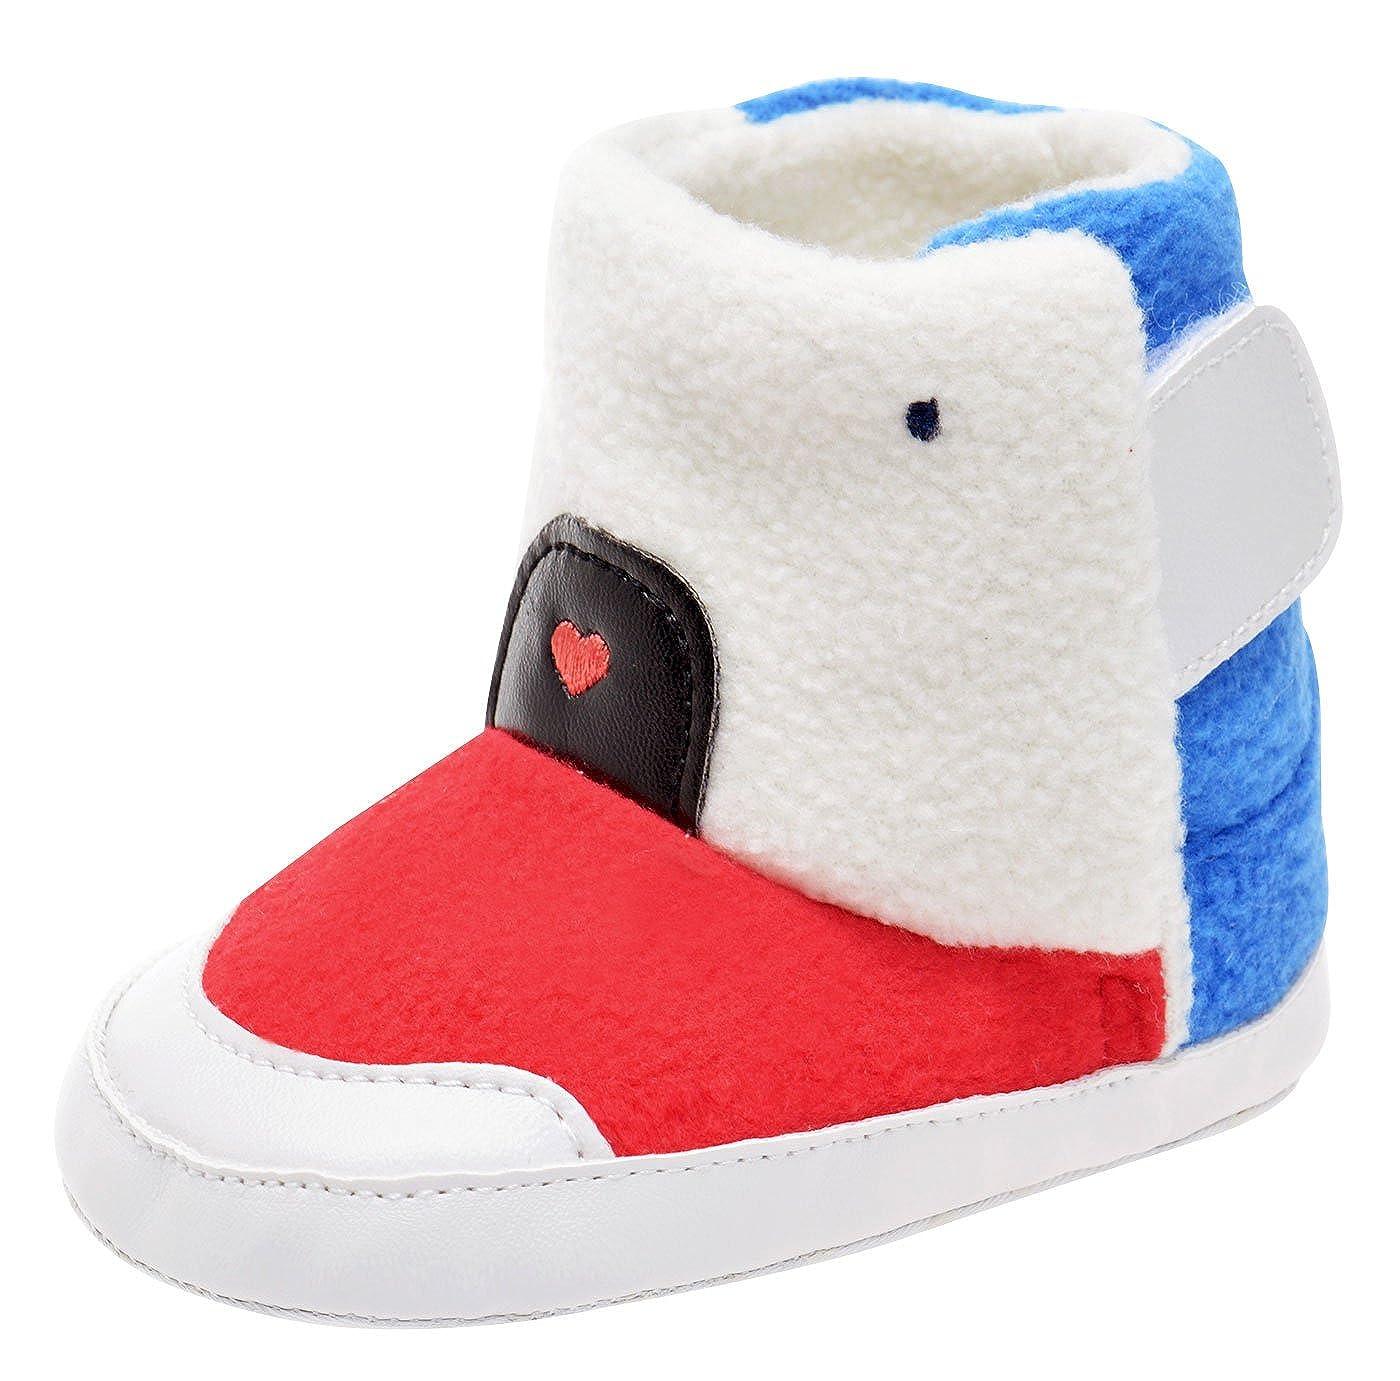 Happy Cherry Bottes de Neige en Velours Bébé Fille Garçon Chaussures Premier Pas Marche Souples Antidérapants pour Automne Hiver Taille 18-22